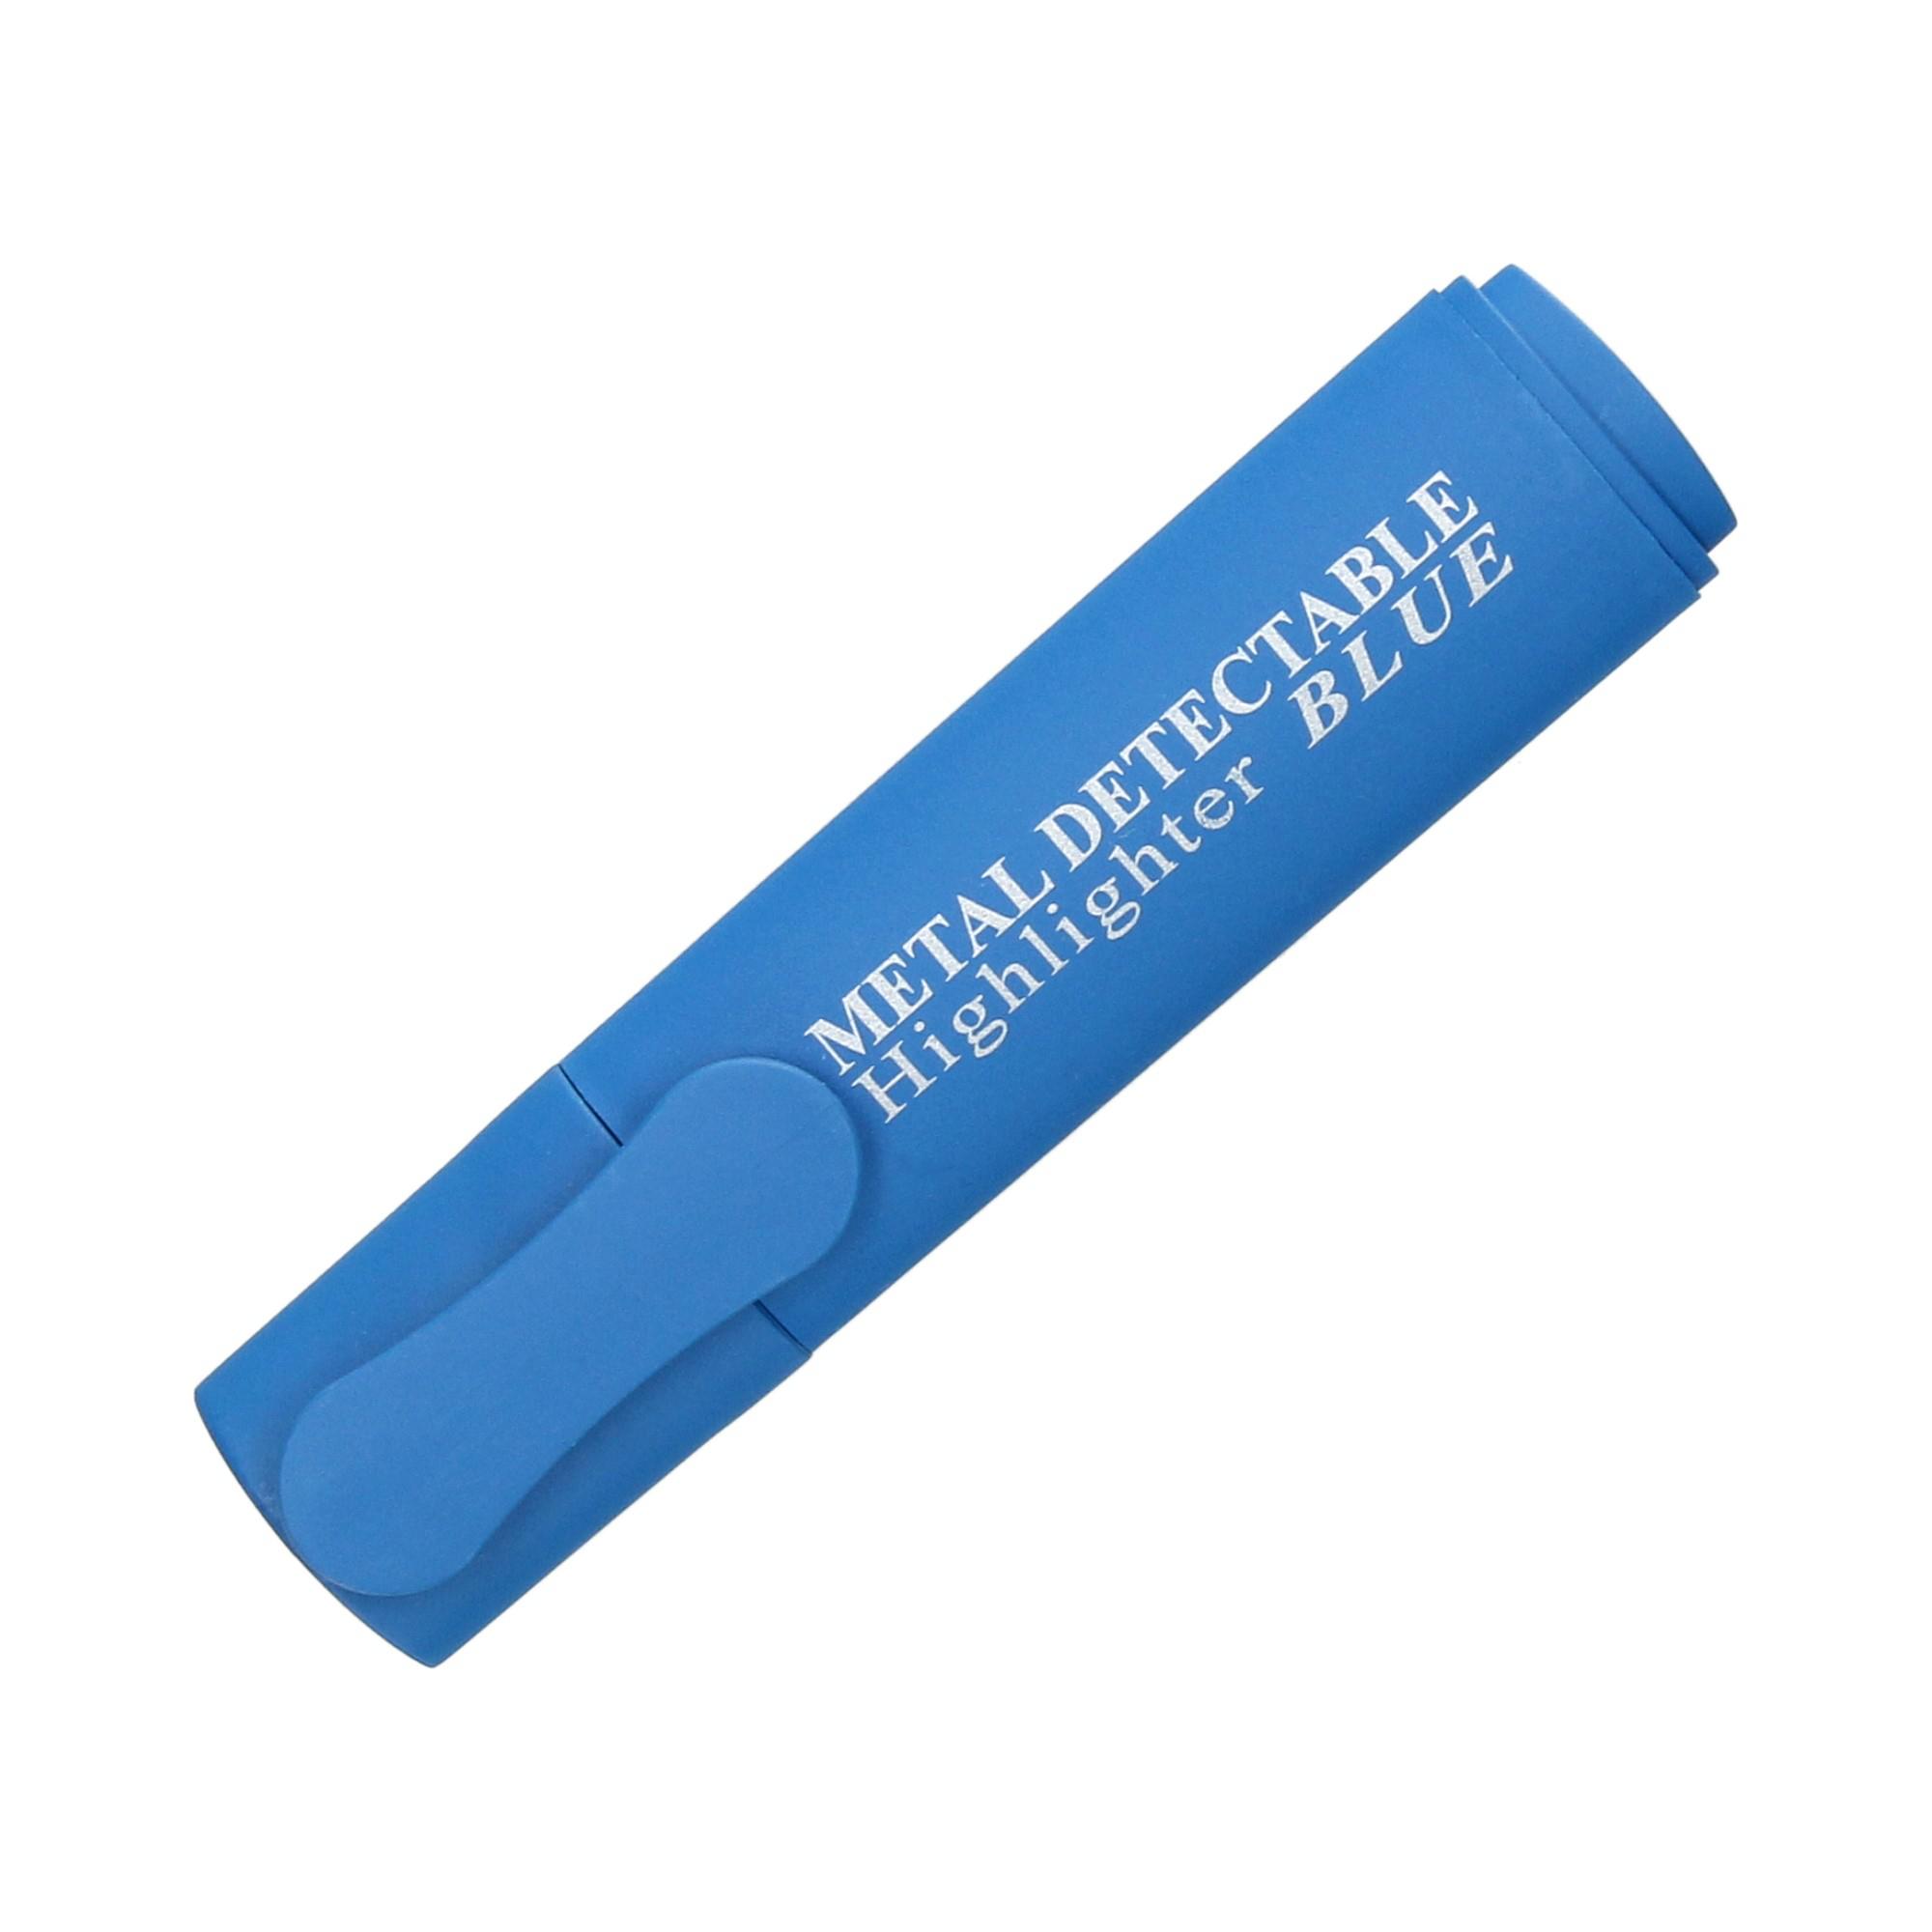 Zakreślacz niebieski wykrywalny detektorem metalu